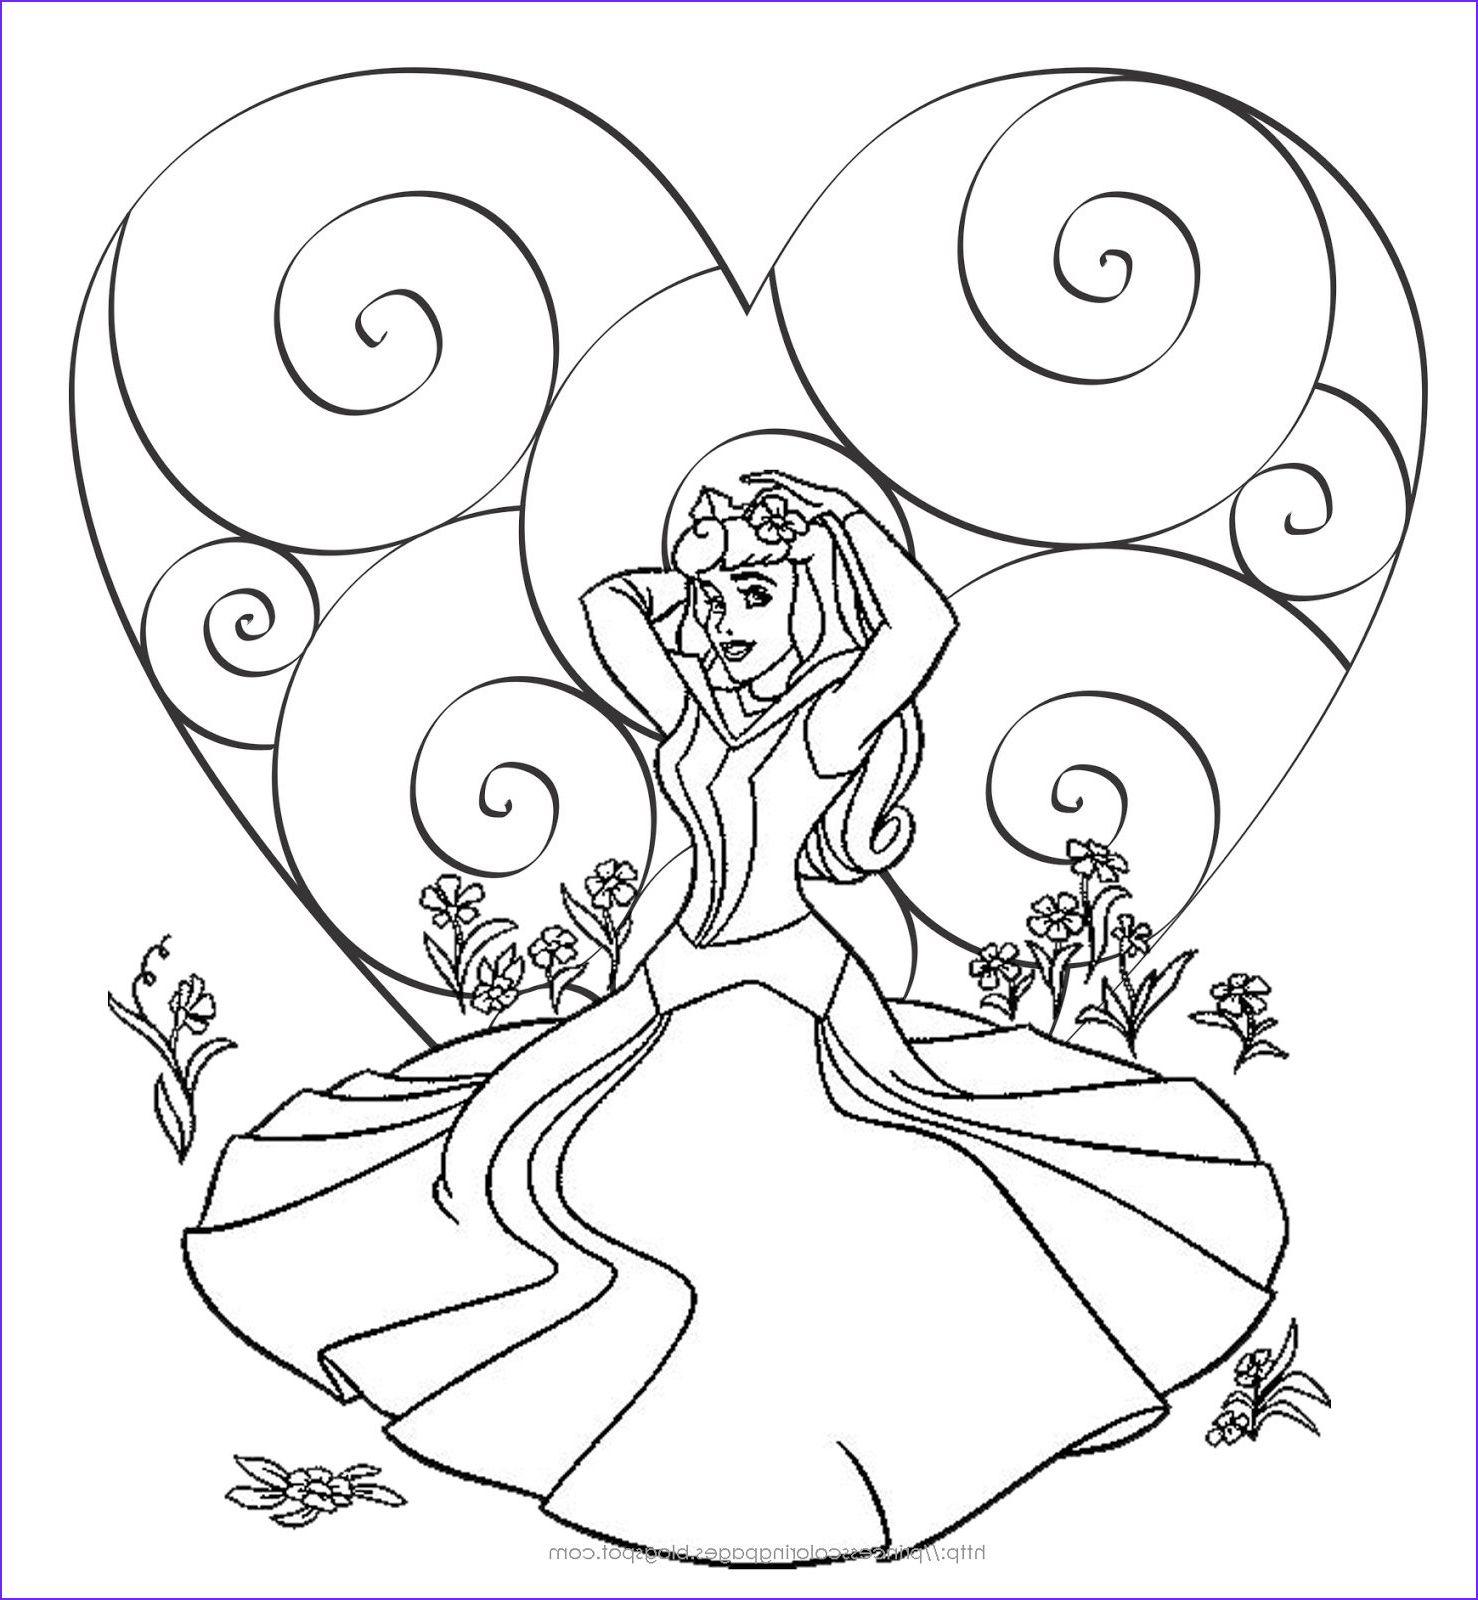 Princess Coloring Pages Disney Princess Colors Valentine Coloring Pages Disney Princess Coloring Pages